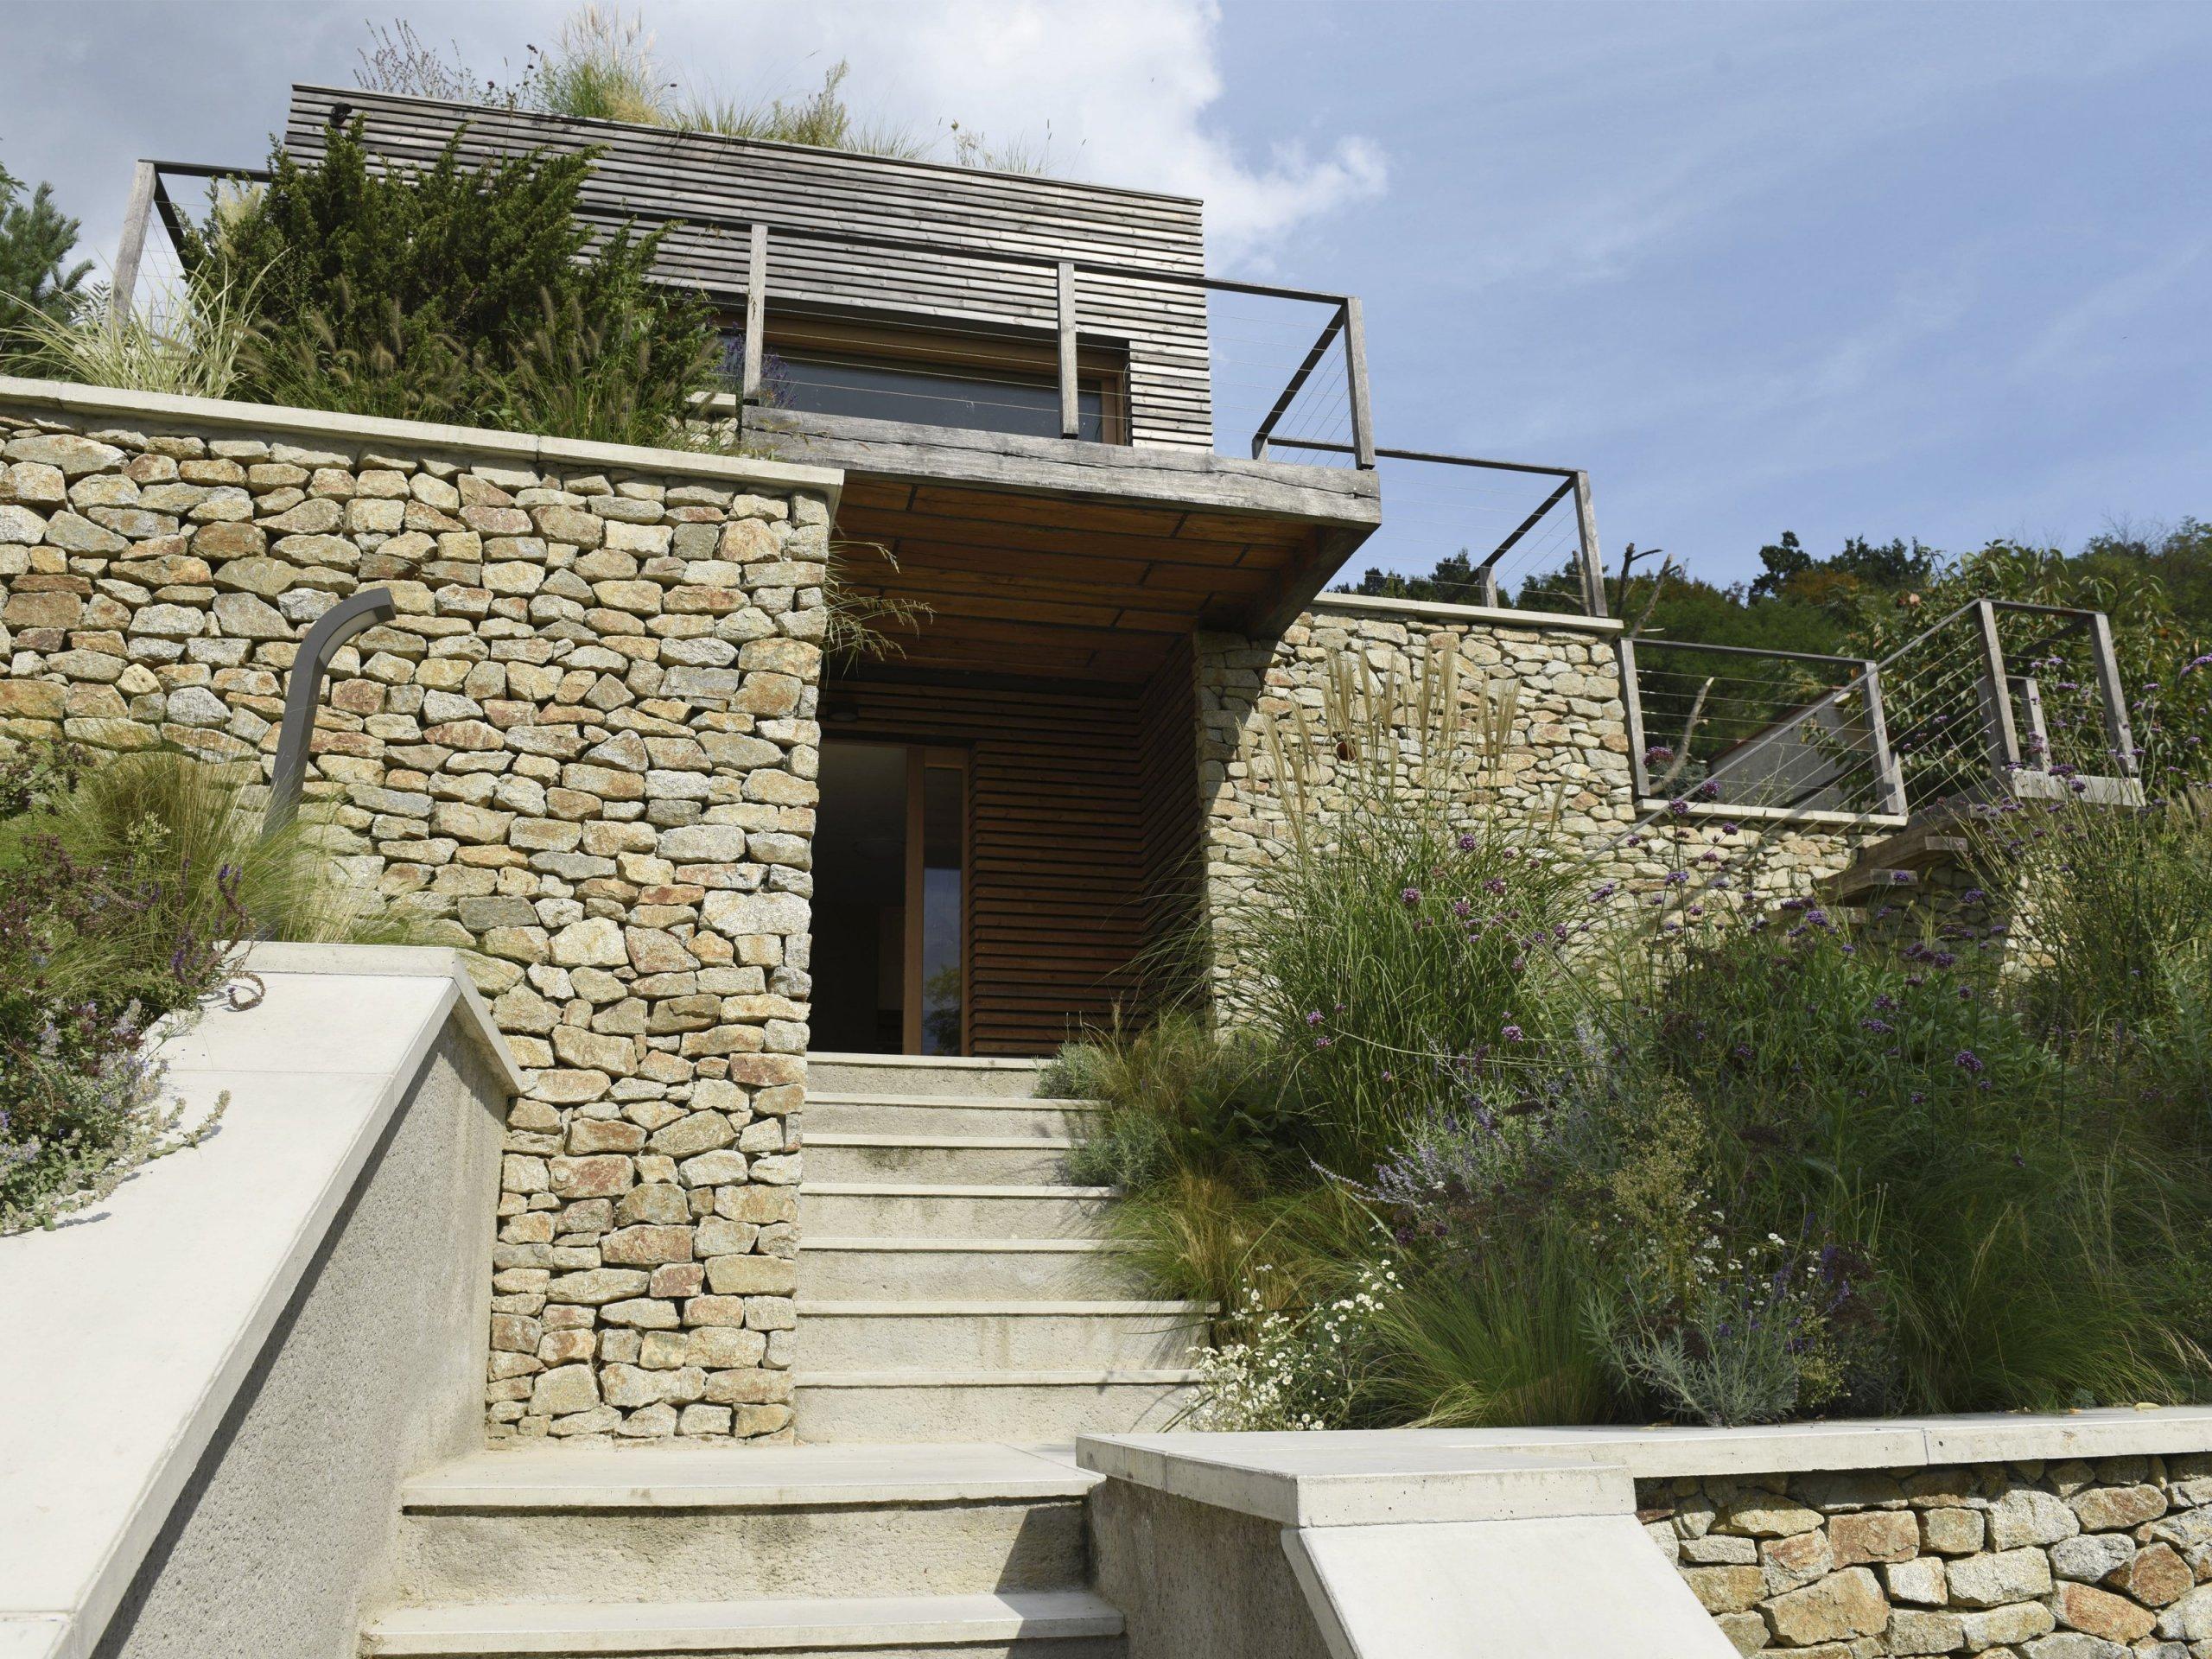 Úzká a svažitá parcela predurčila formu tohoto domu. Práce s terénem a ambice splynout s okolním prostředím jsou charakteristickými rysy prezentovaného díla.